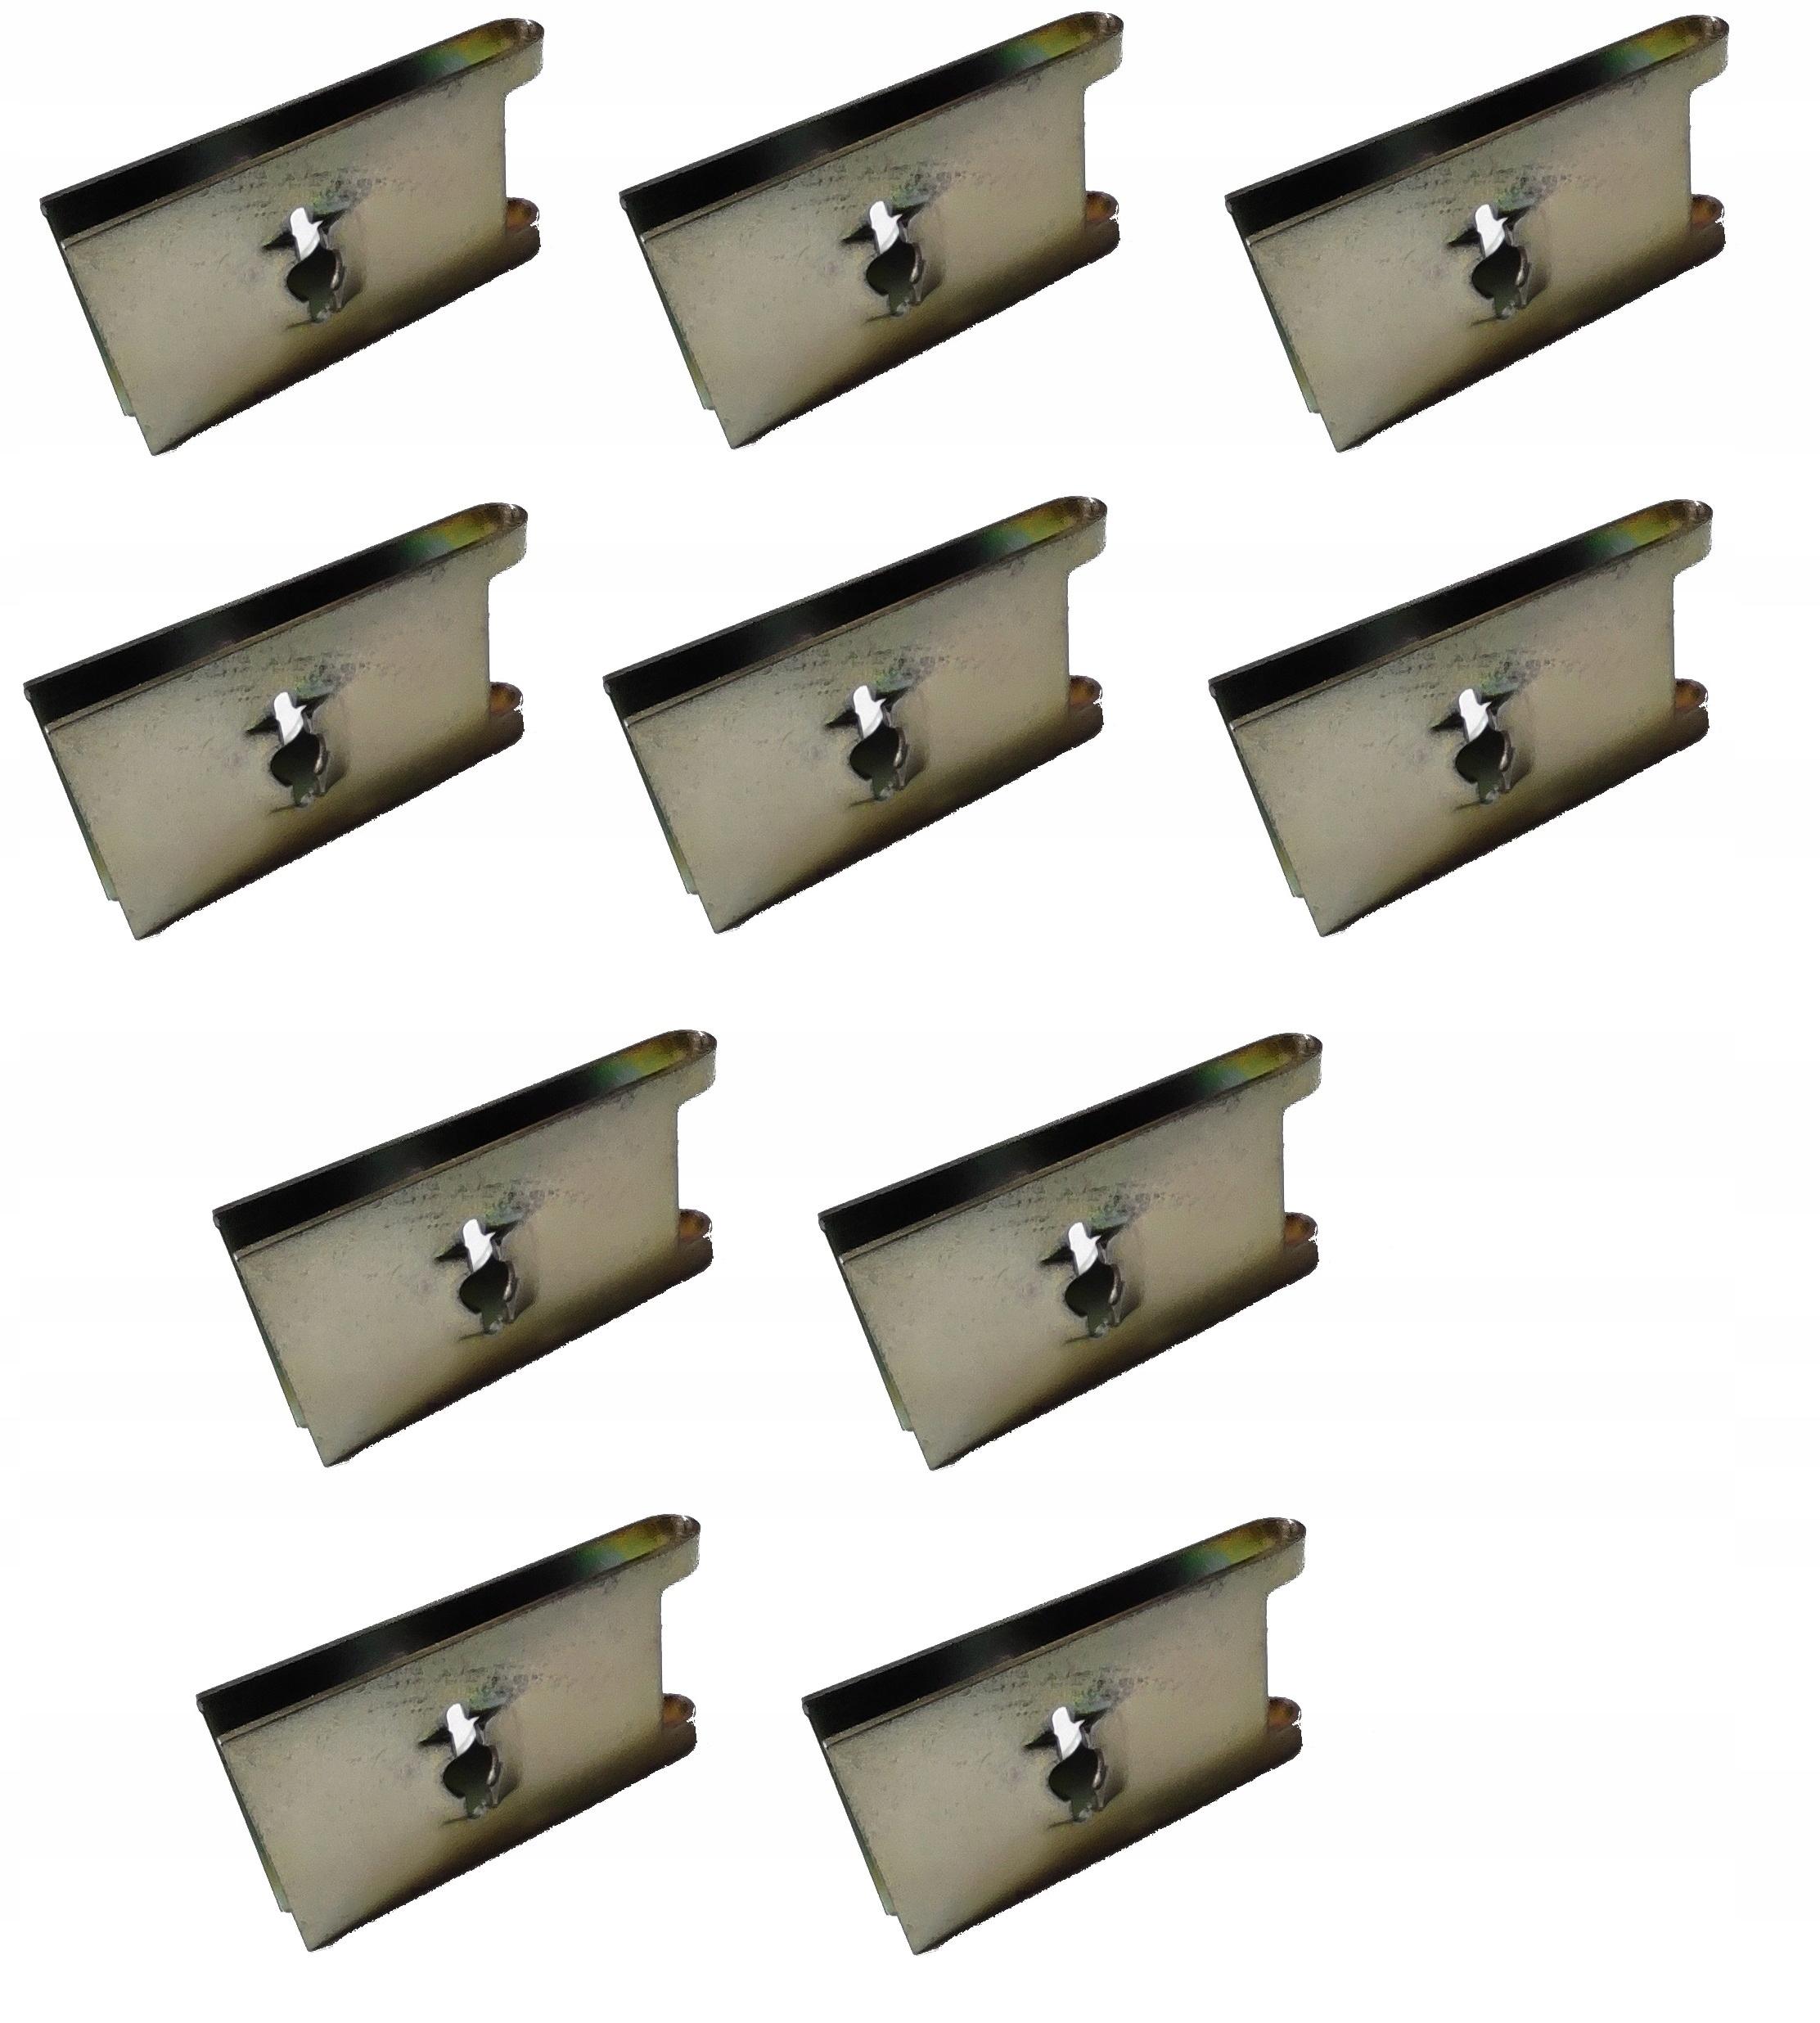 Бляшки gniazdko montazowe металическая к wkretow 10, фото 0